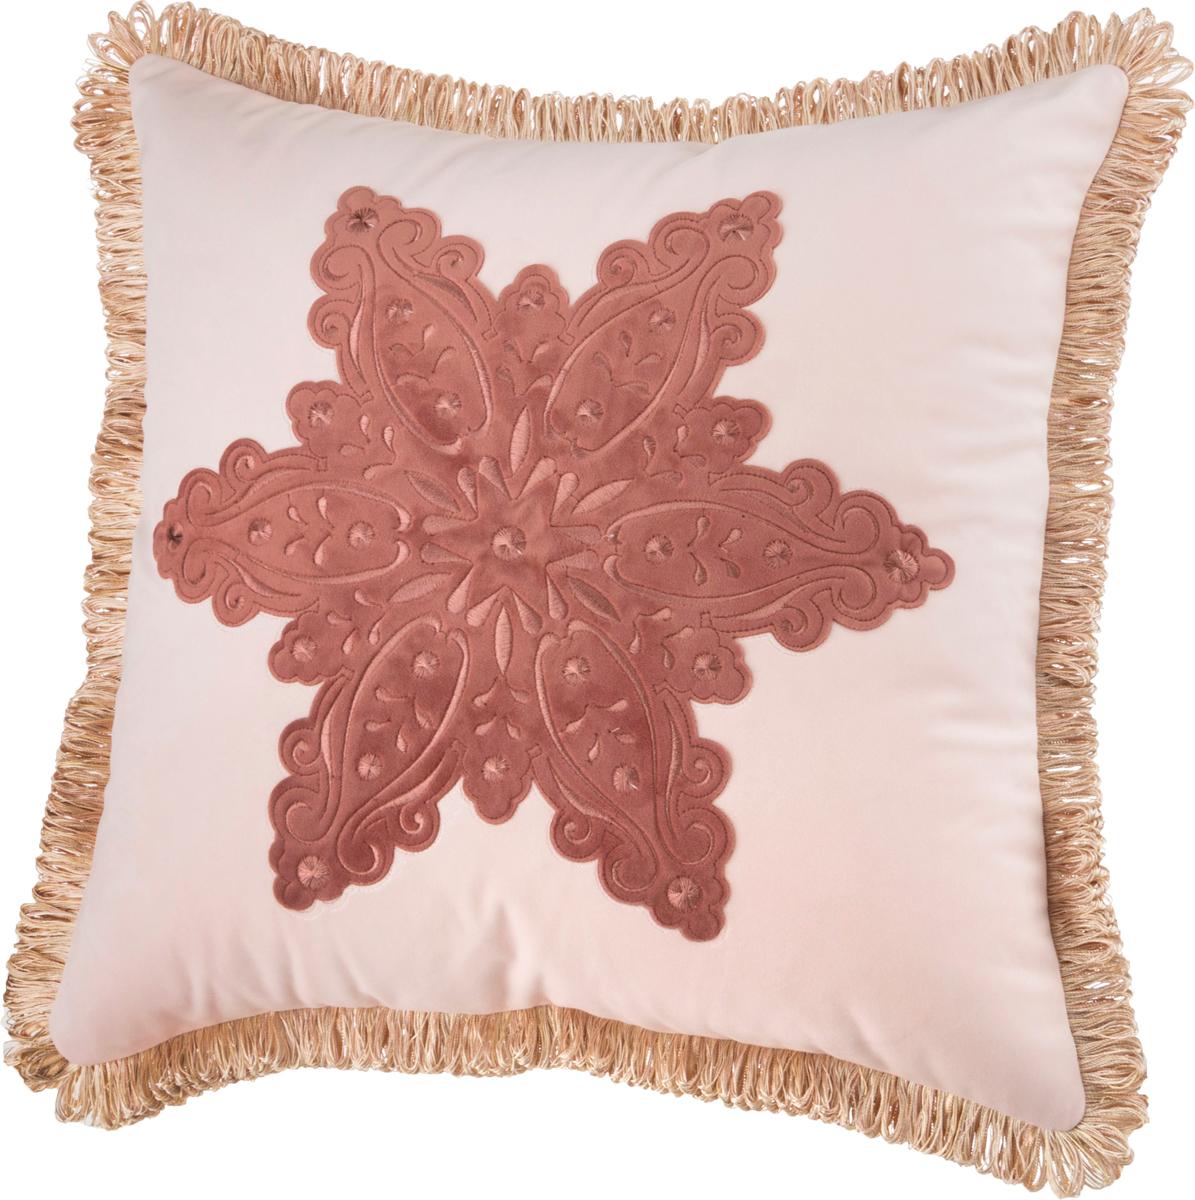 Декоративная подушка 850-817-05 снежинка пудровая 46*46 см